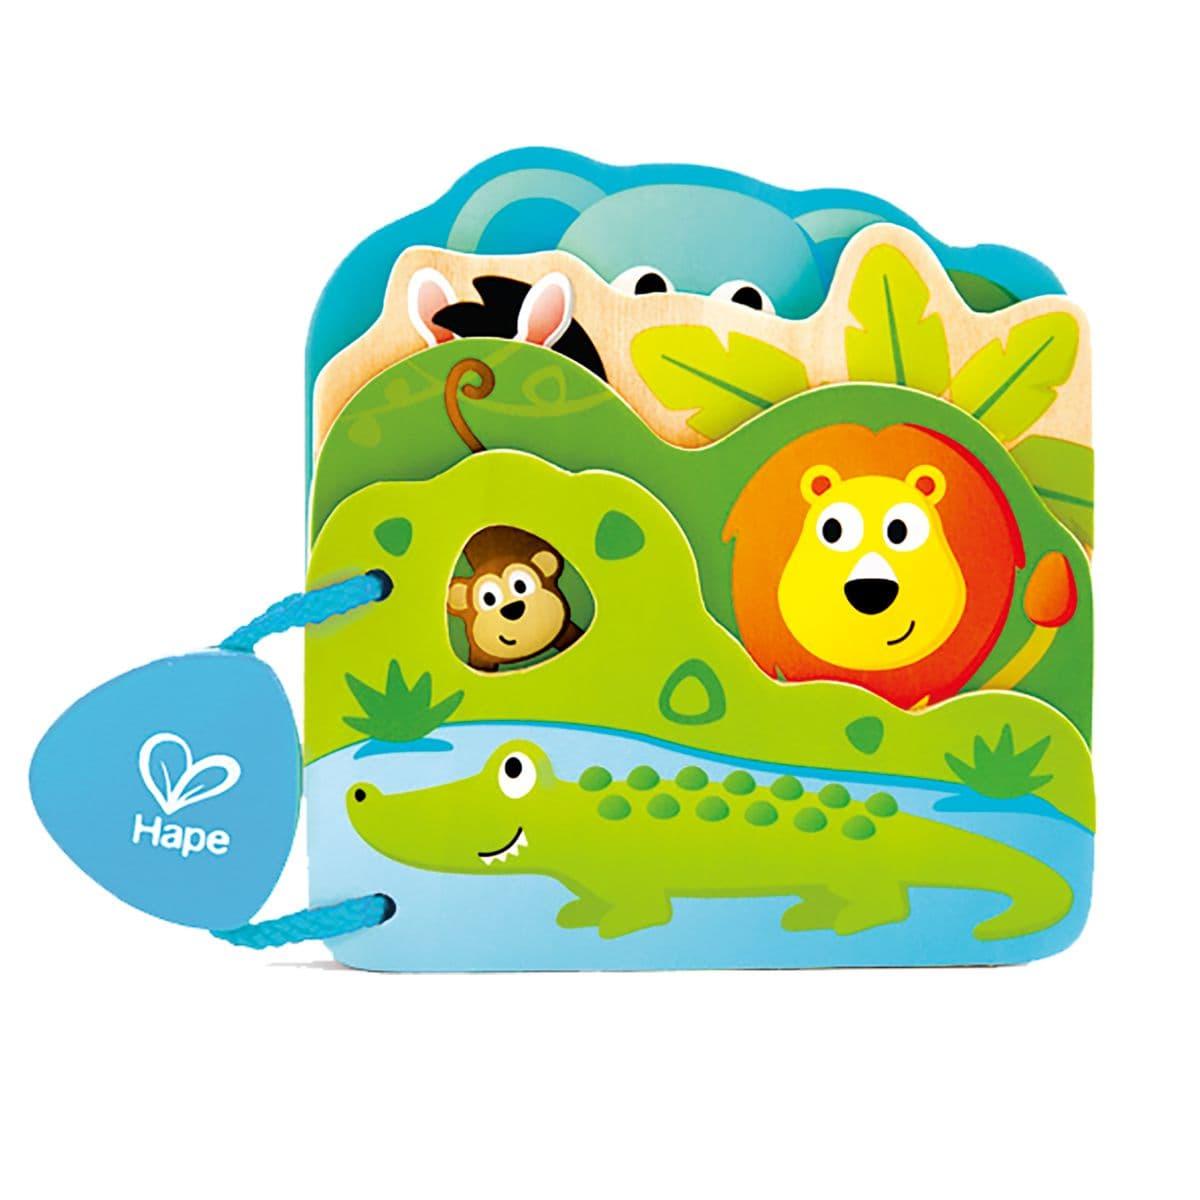 Hape Livre Pour Bébés - Animaux Sauvages